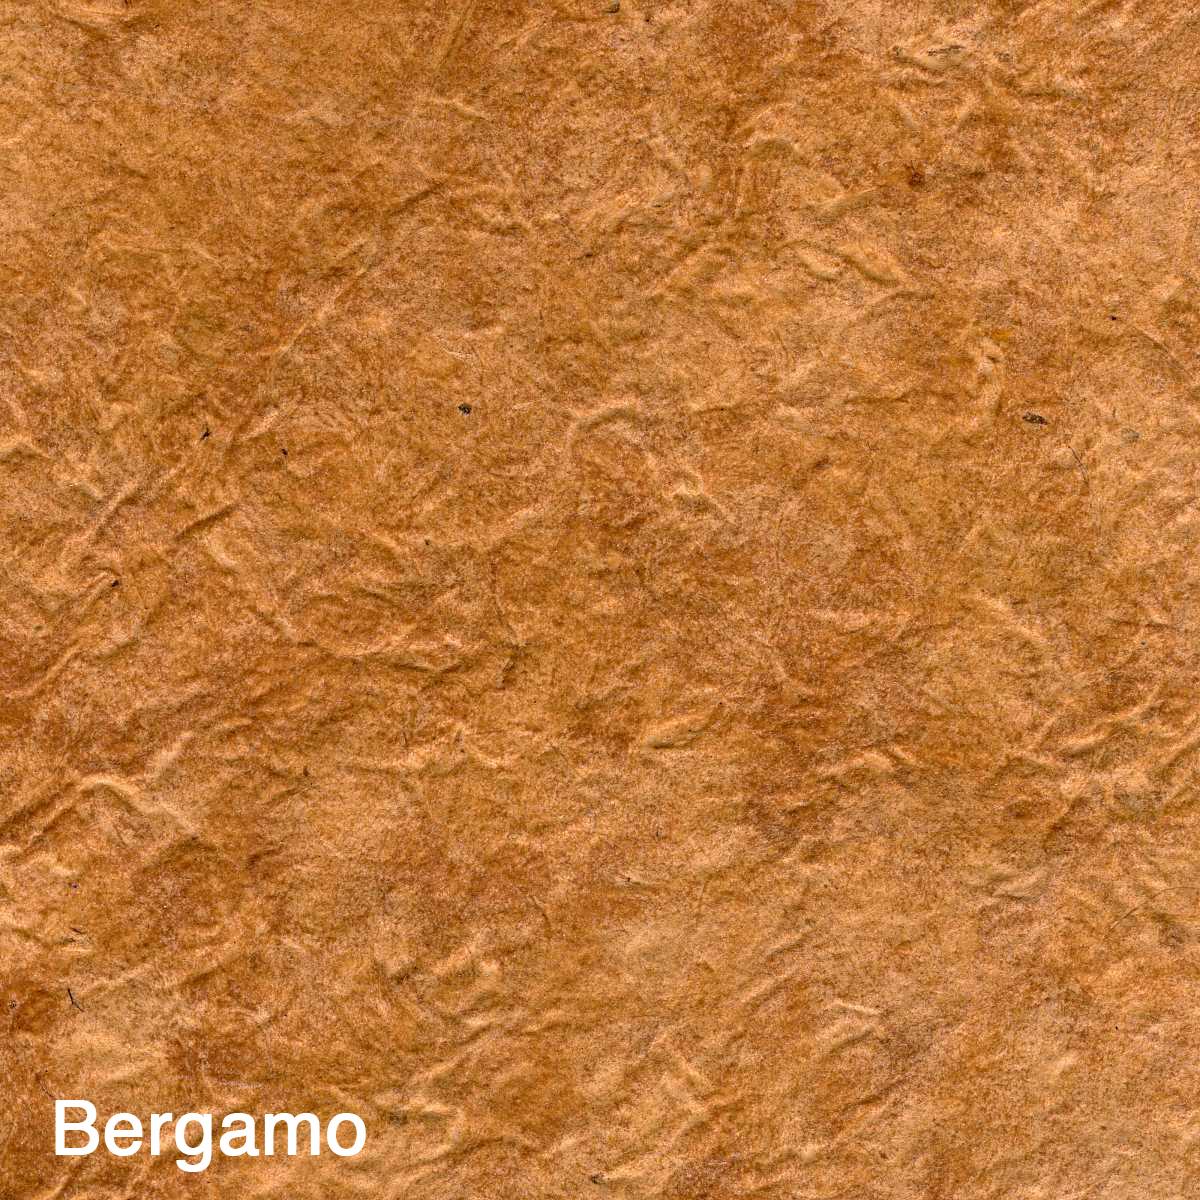 Bergamo002.jpg